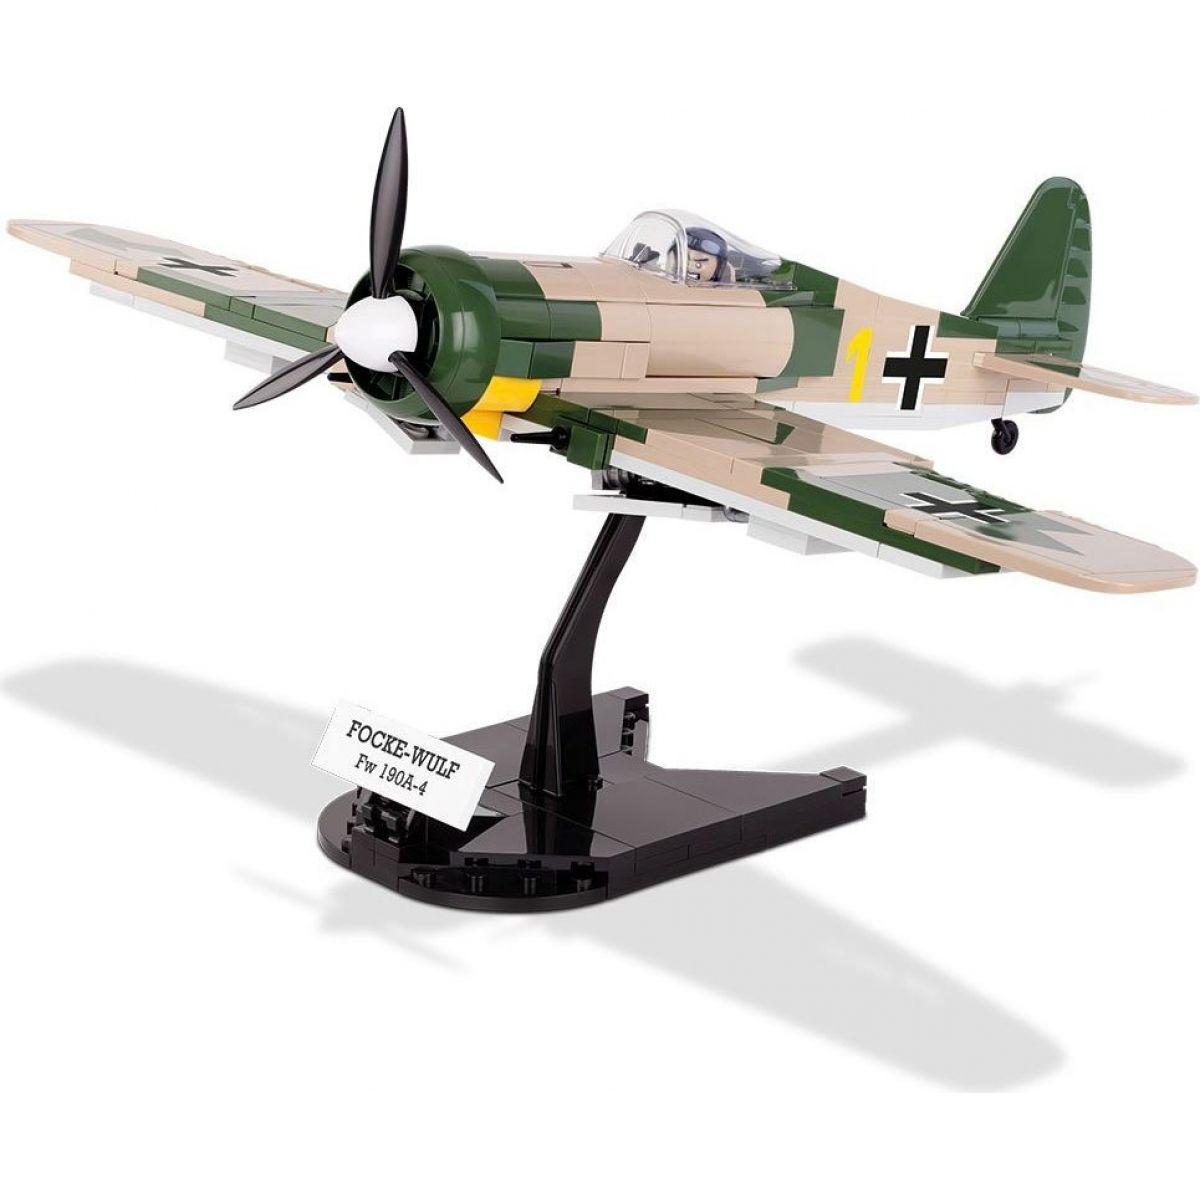 Cobi Malá armáda 5514 Focke-Wulf Fw 190 A4